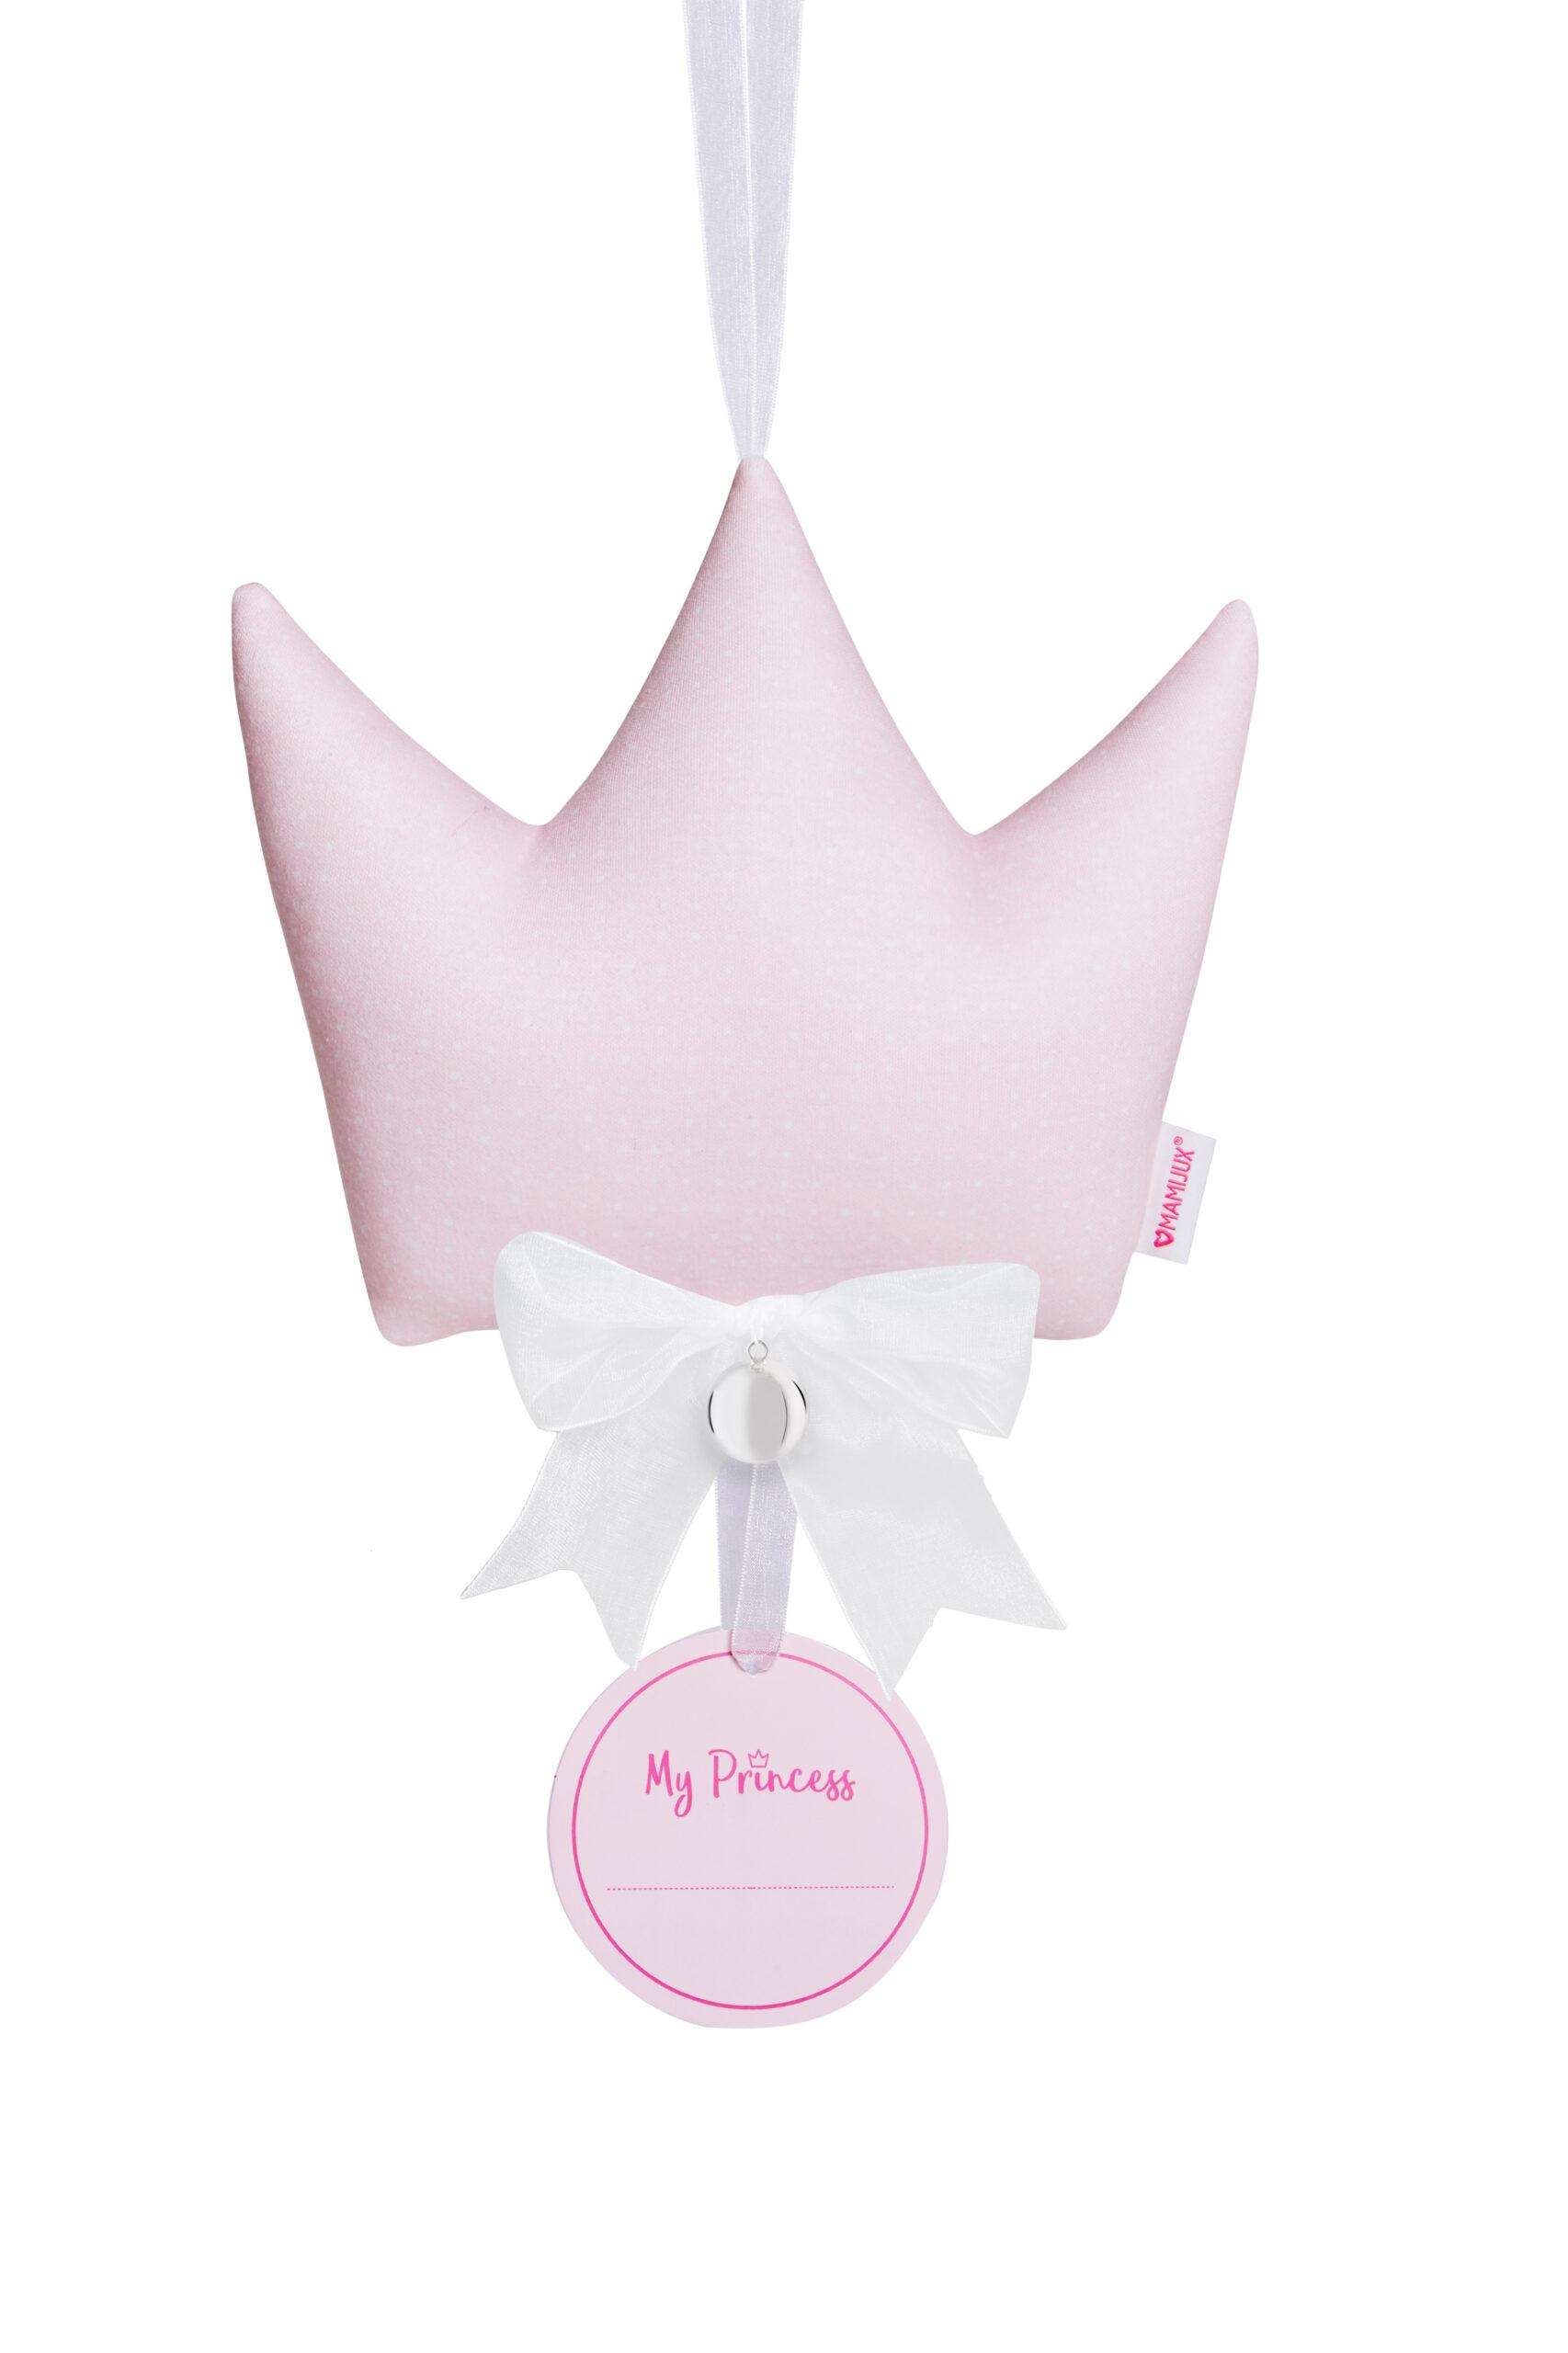 MAMIJUX® soft good luck crown pillow - pink